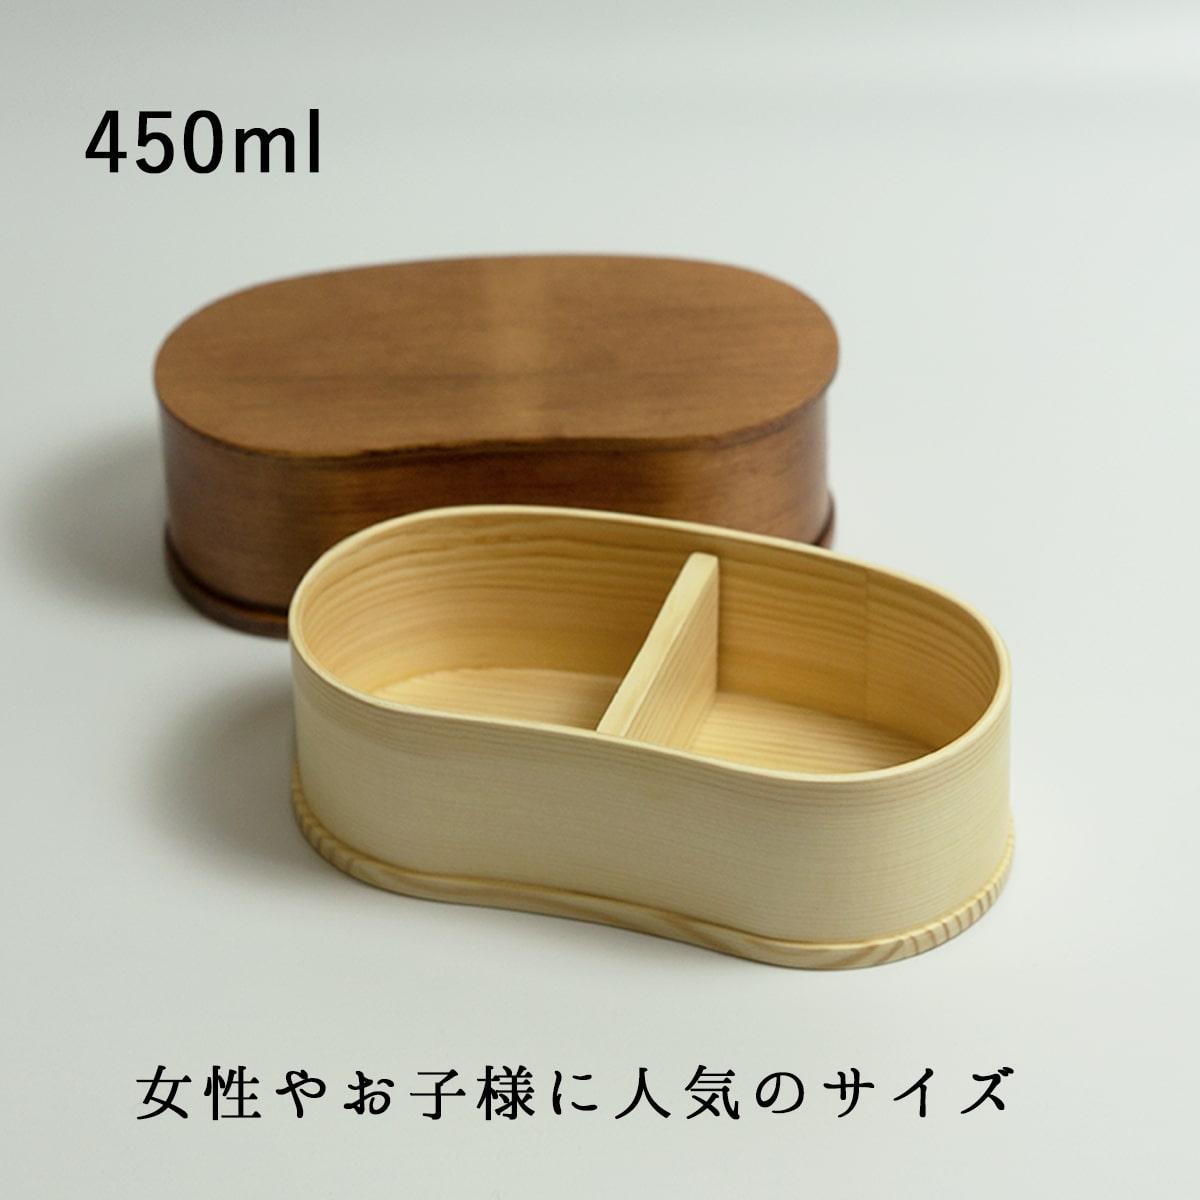 うるしギャラリー久右衛門(urushi gallery kyuuemon) お試し曲げわっぱ 弁当箱 一段 700mlの商品画像6